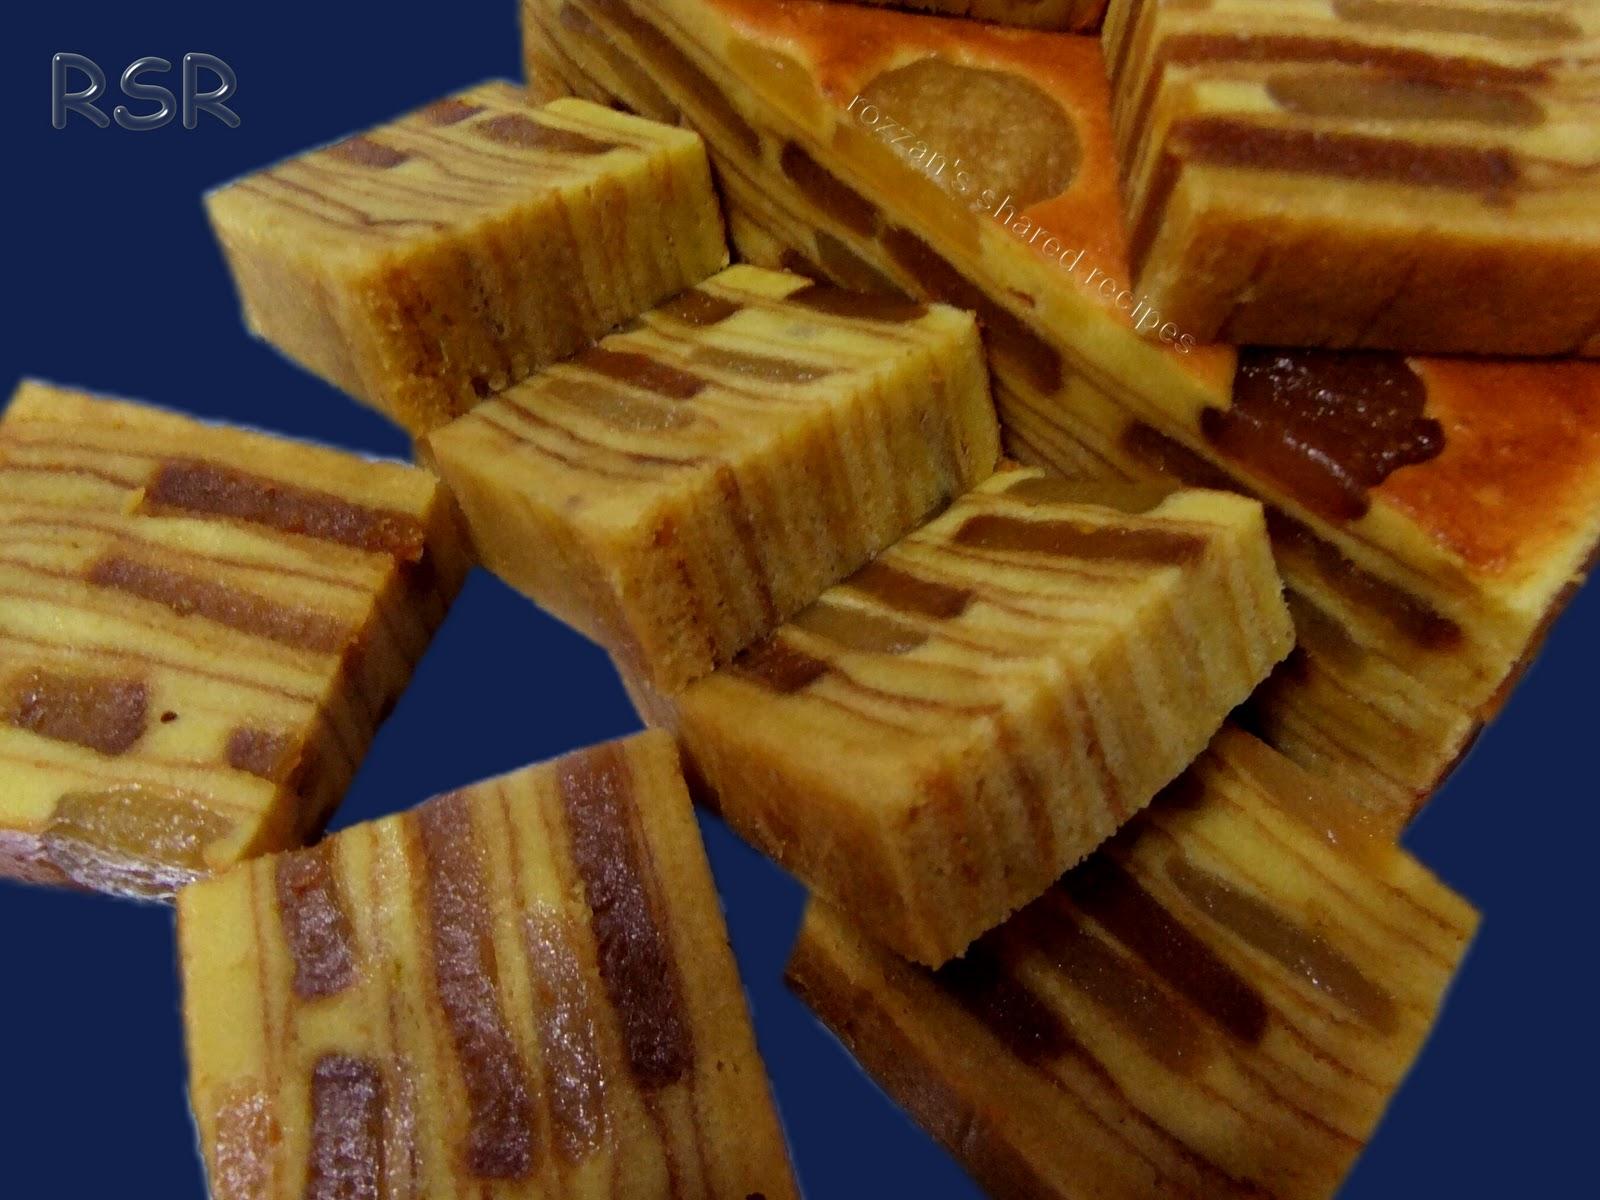 Tichabel Kue Lapis Legit Keju Daftar Harga Terbaru Dan Terupdate Monica Special Batang 410gr Source 4 Buat Begini